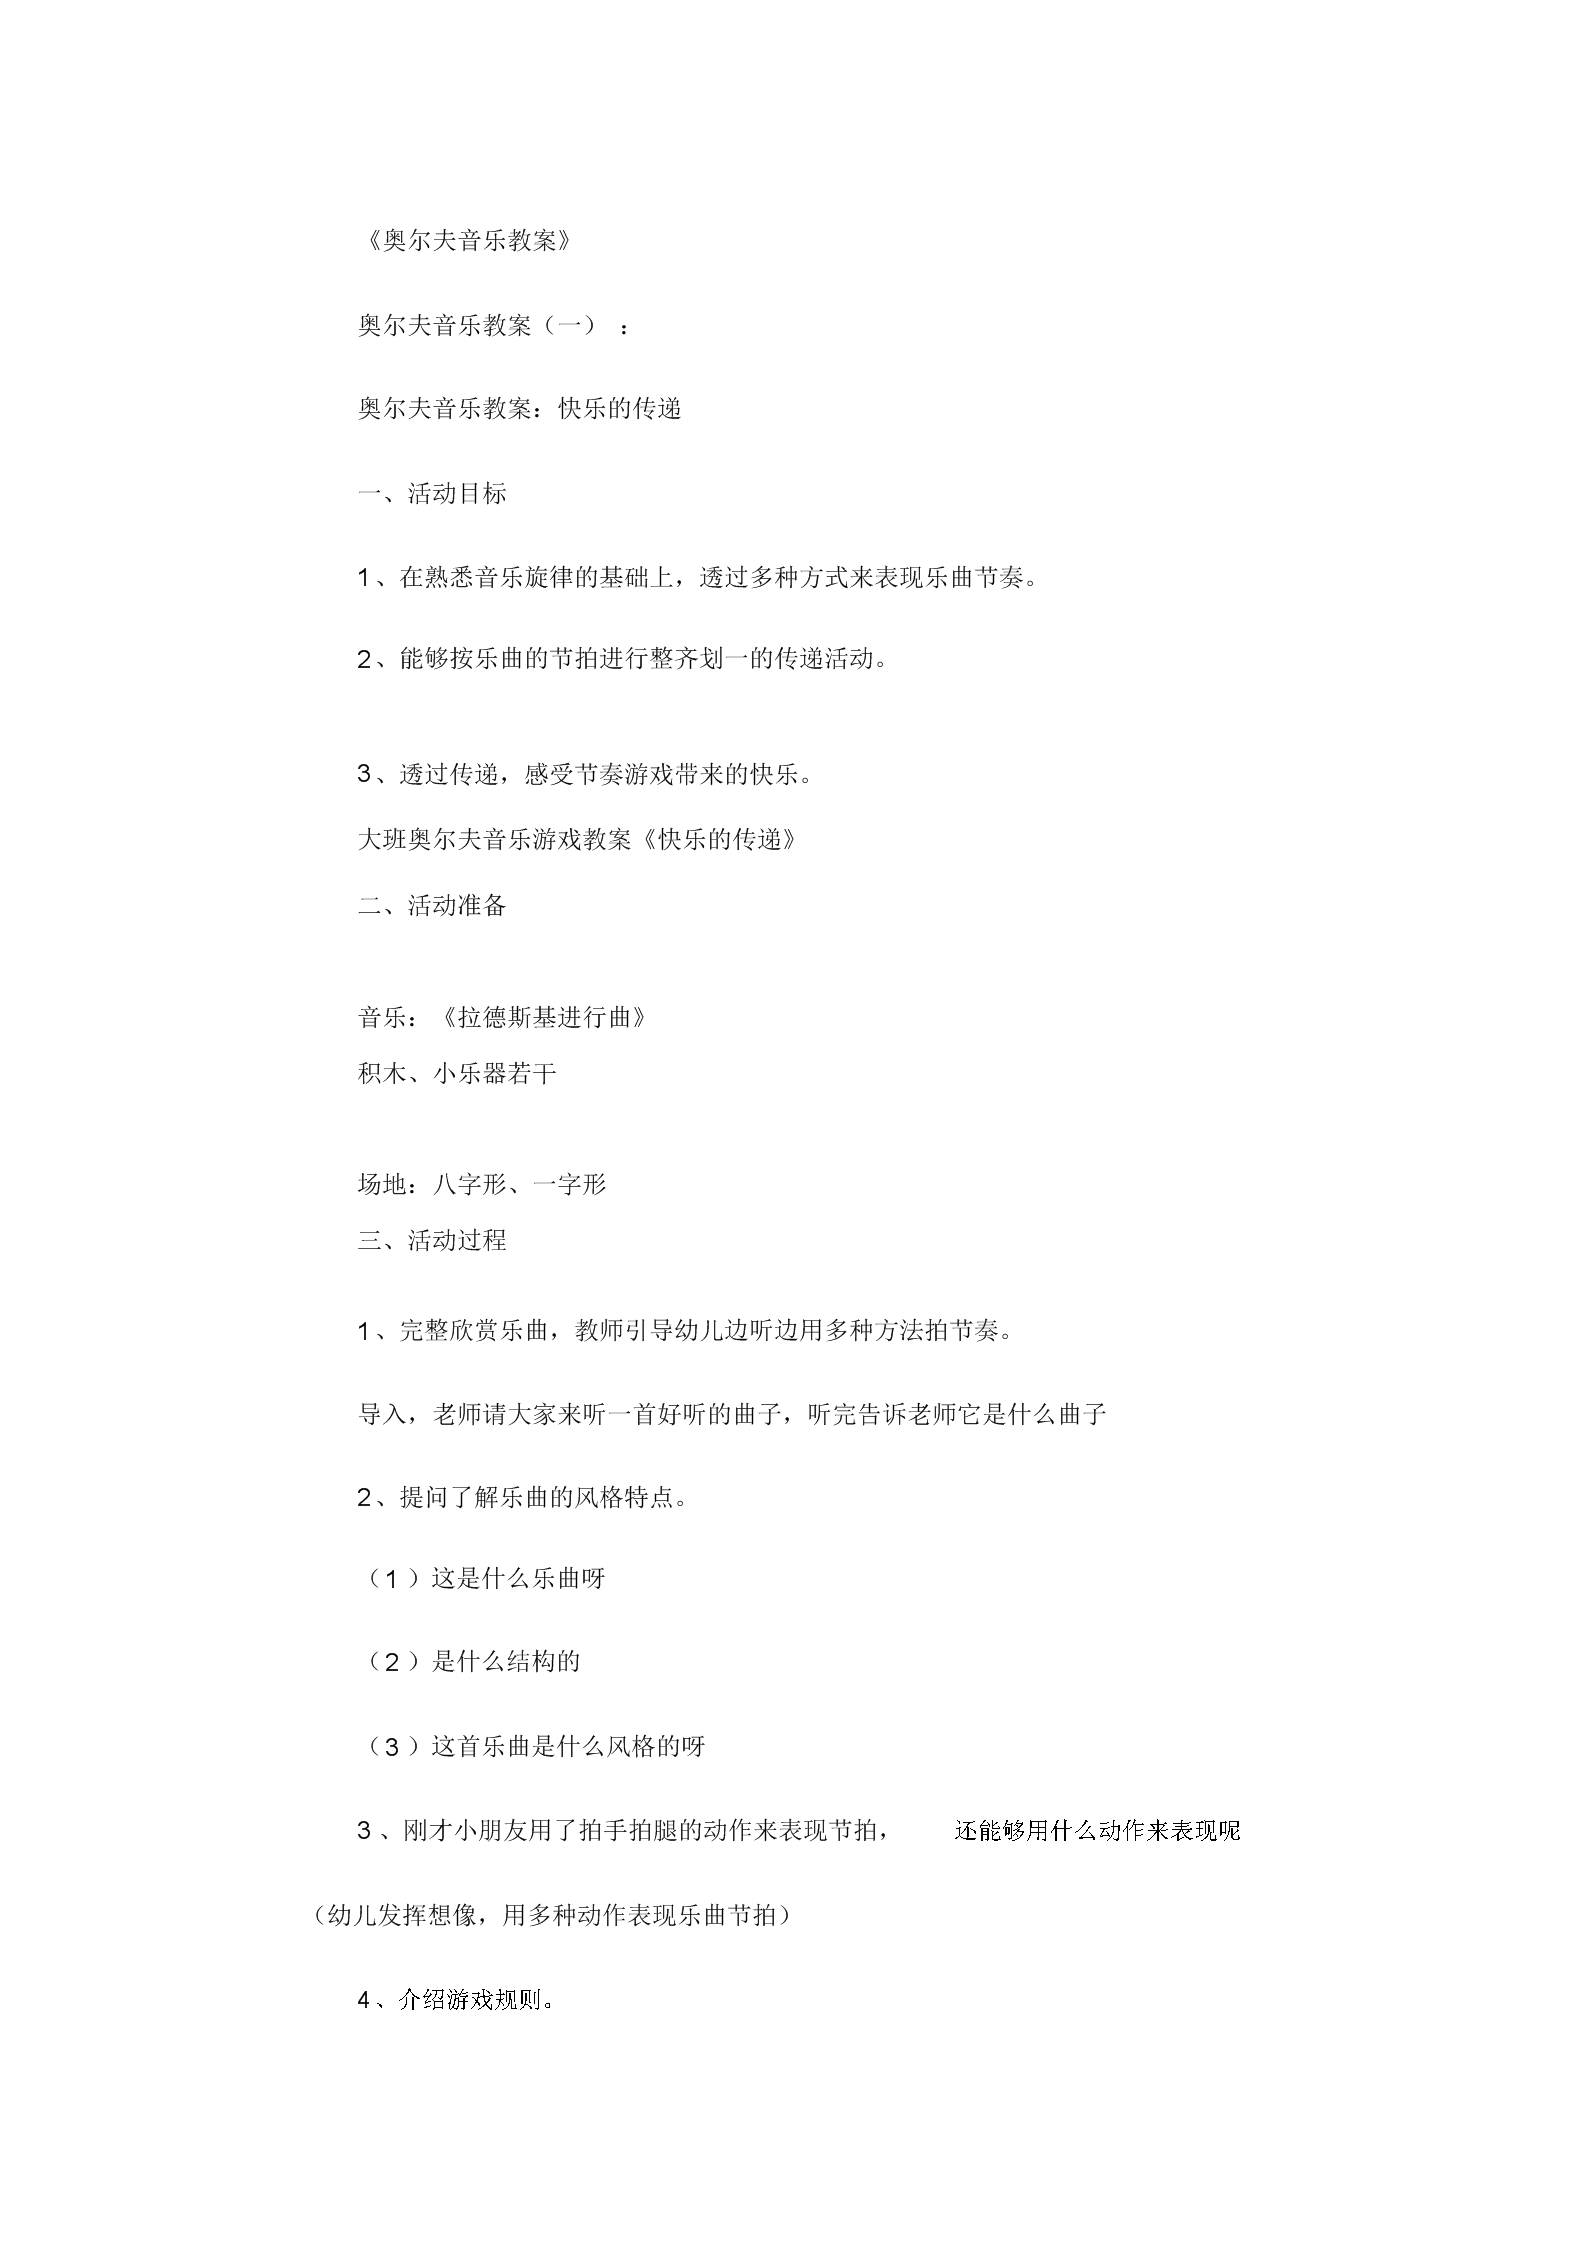 奥尔夫音乐教案则完整版.docx